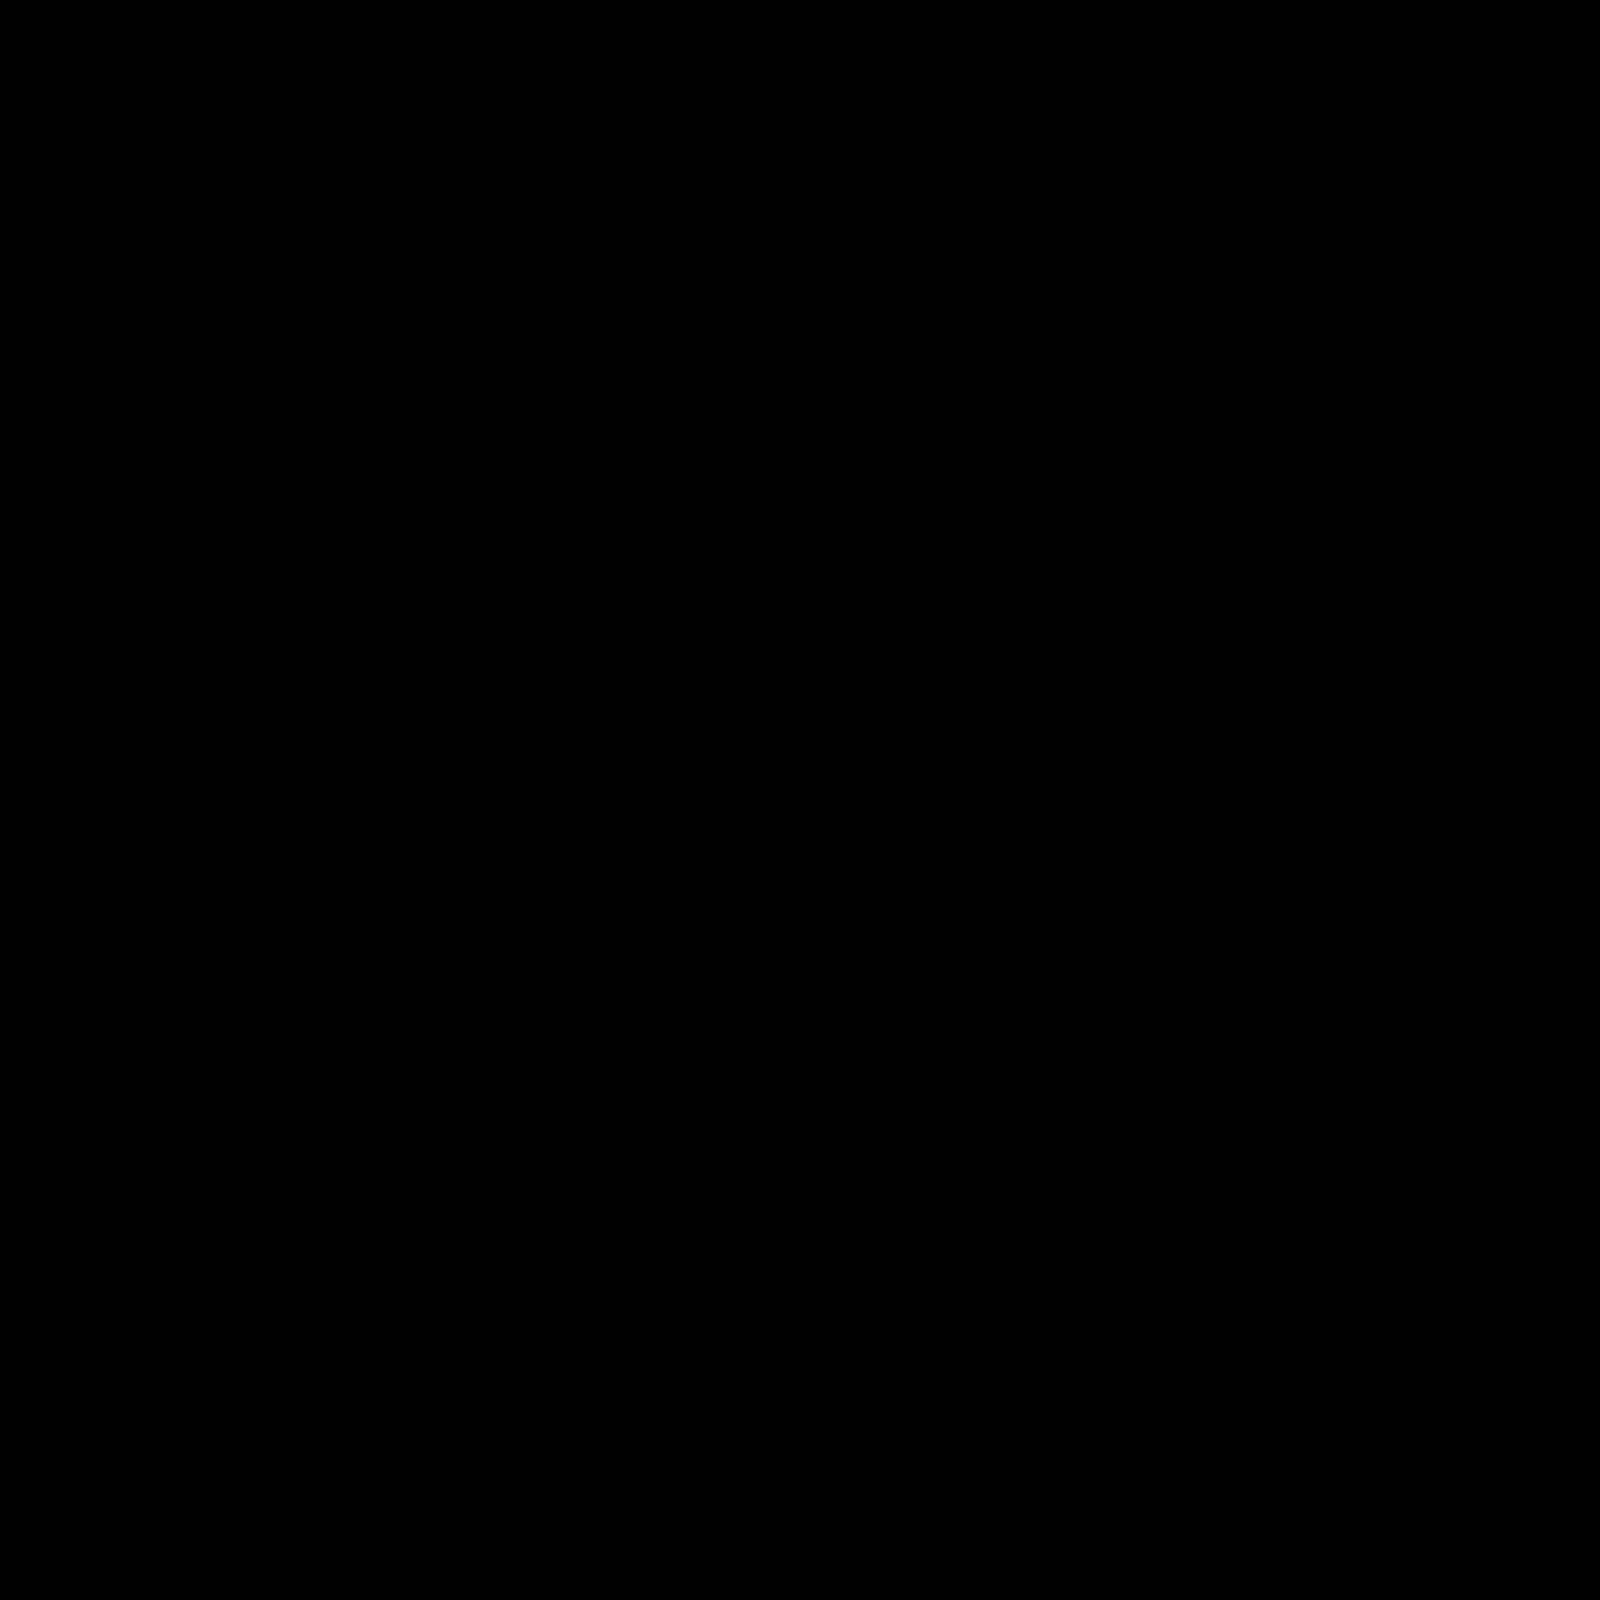 境界線の色 icon